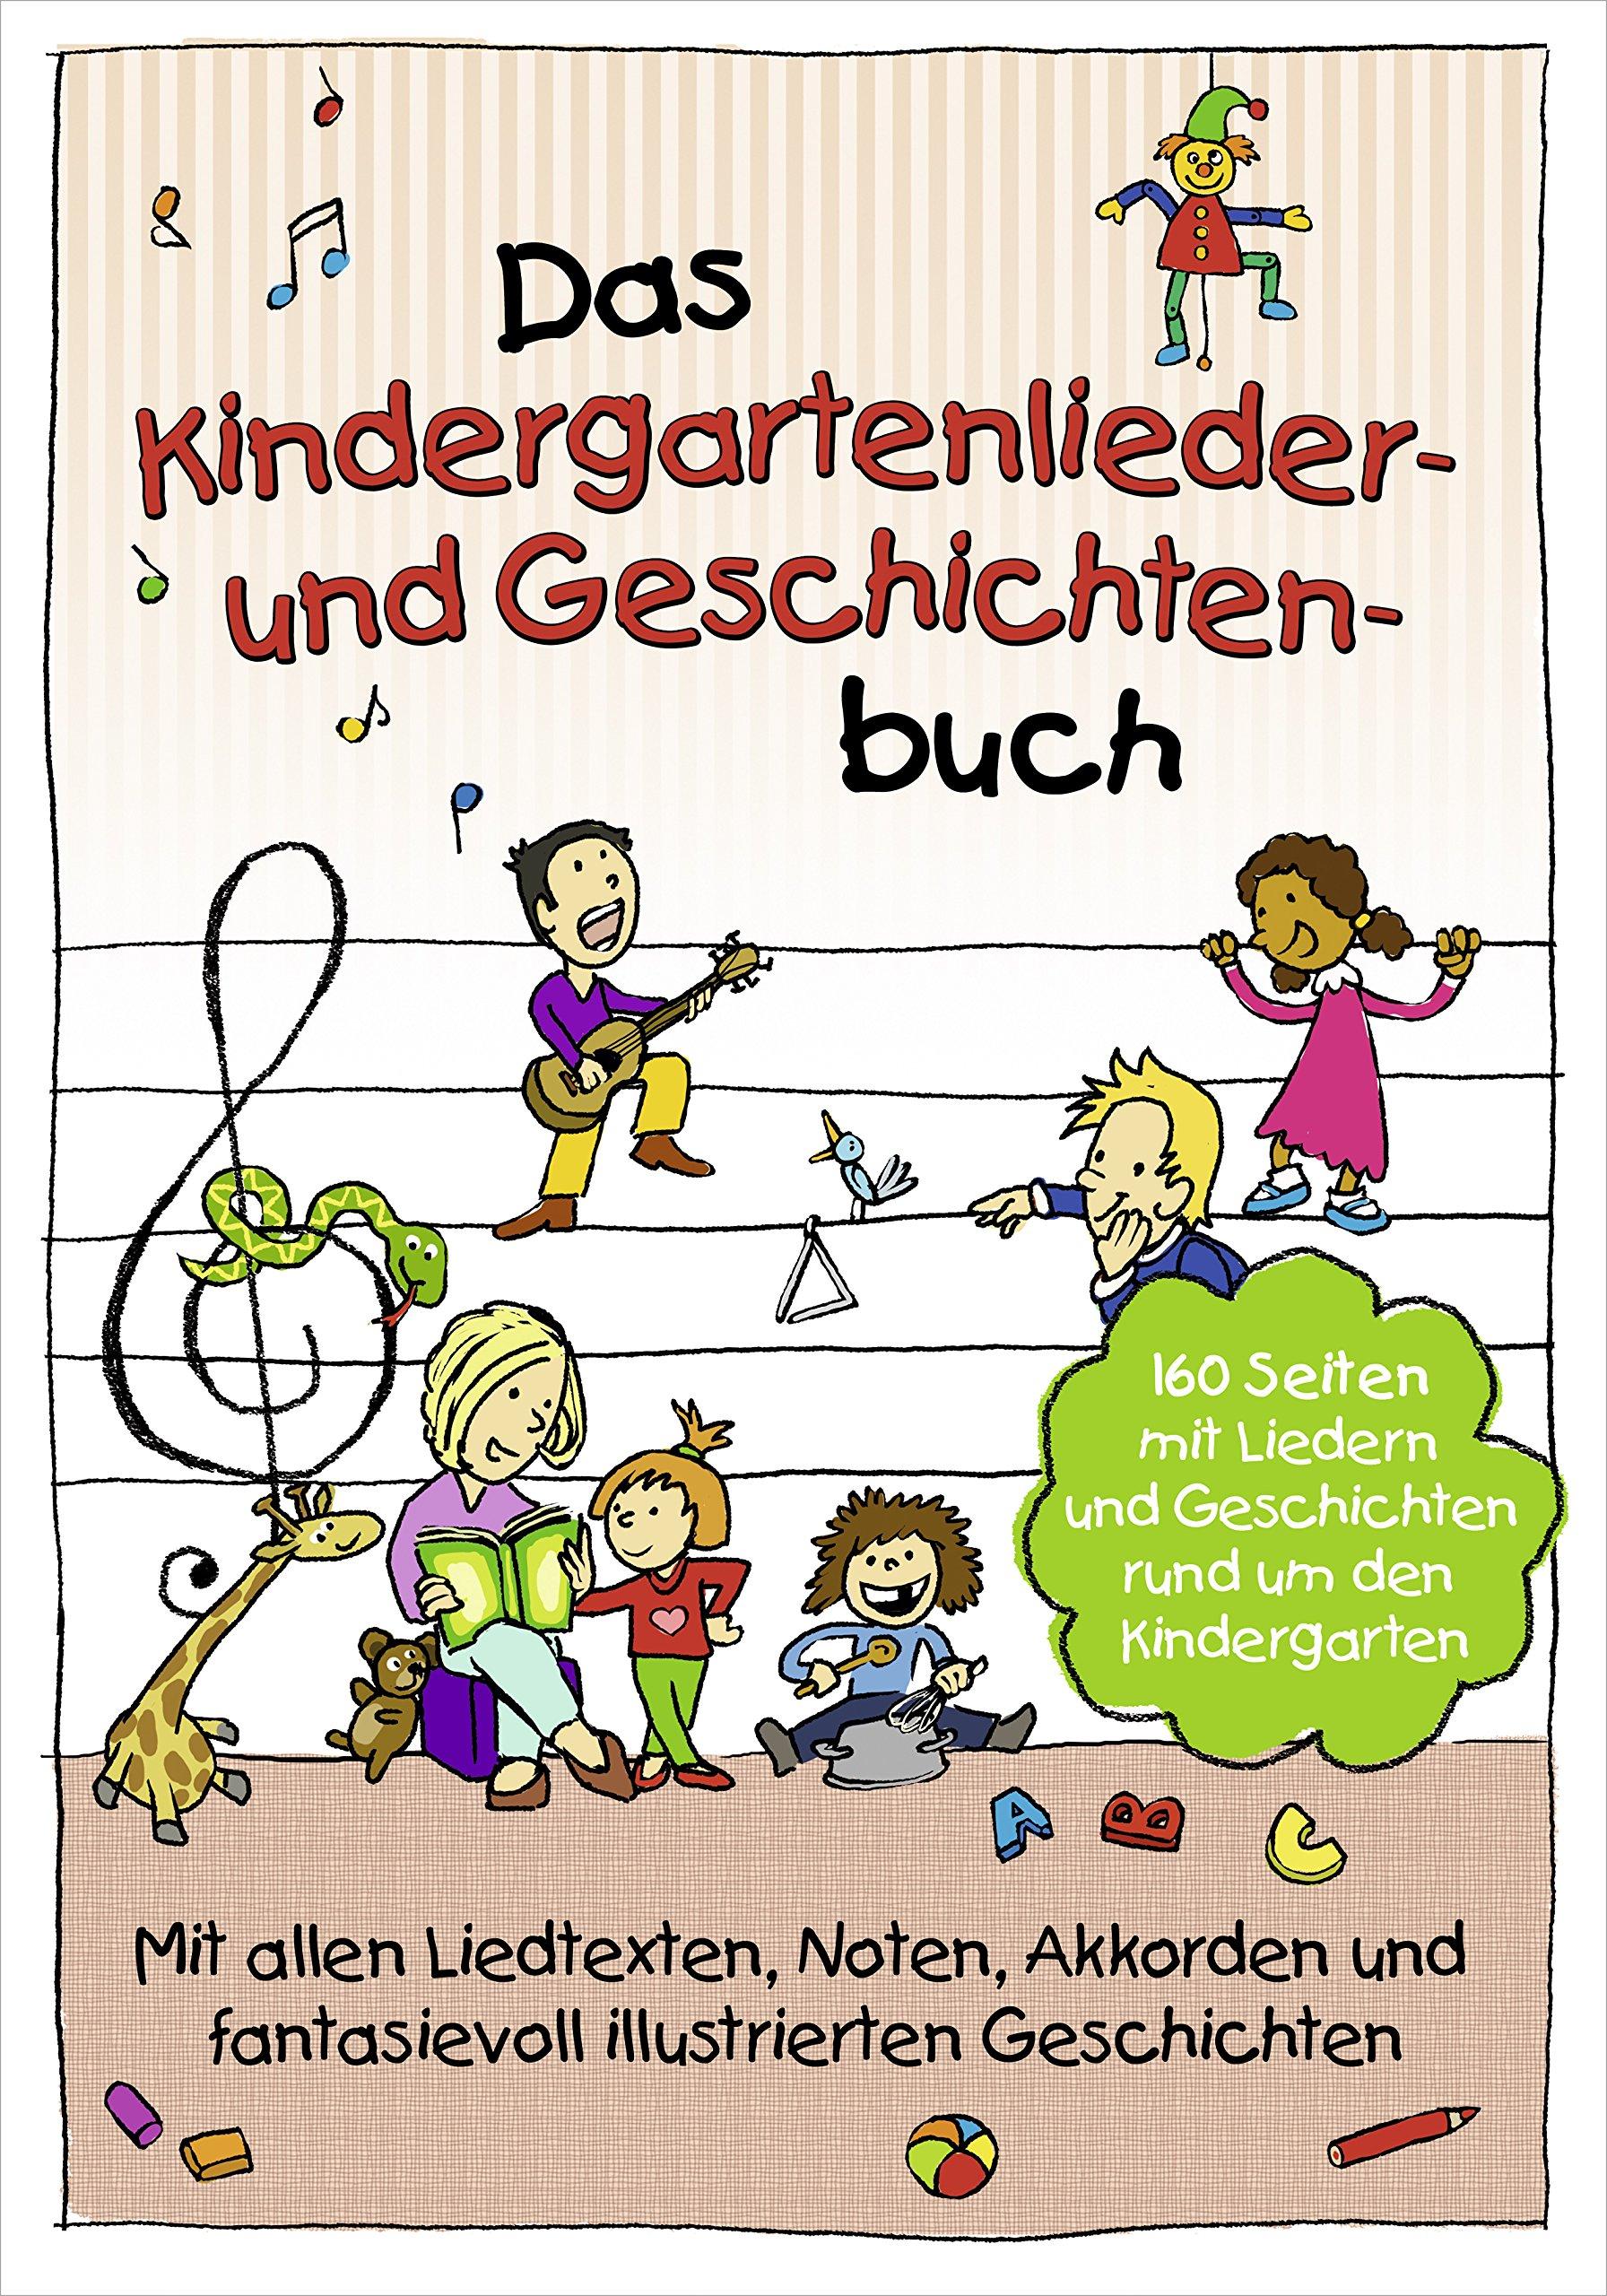 Das Kindergartenlieder- und Geschichten-Buch: 160 Seiten mit Liedern und Geschichten rund um den Kindergarten